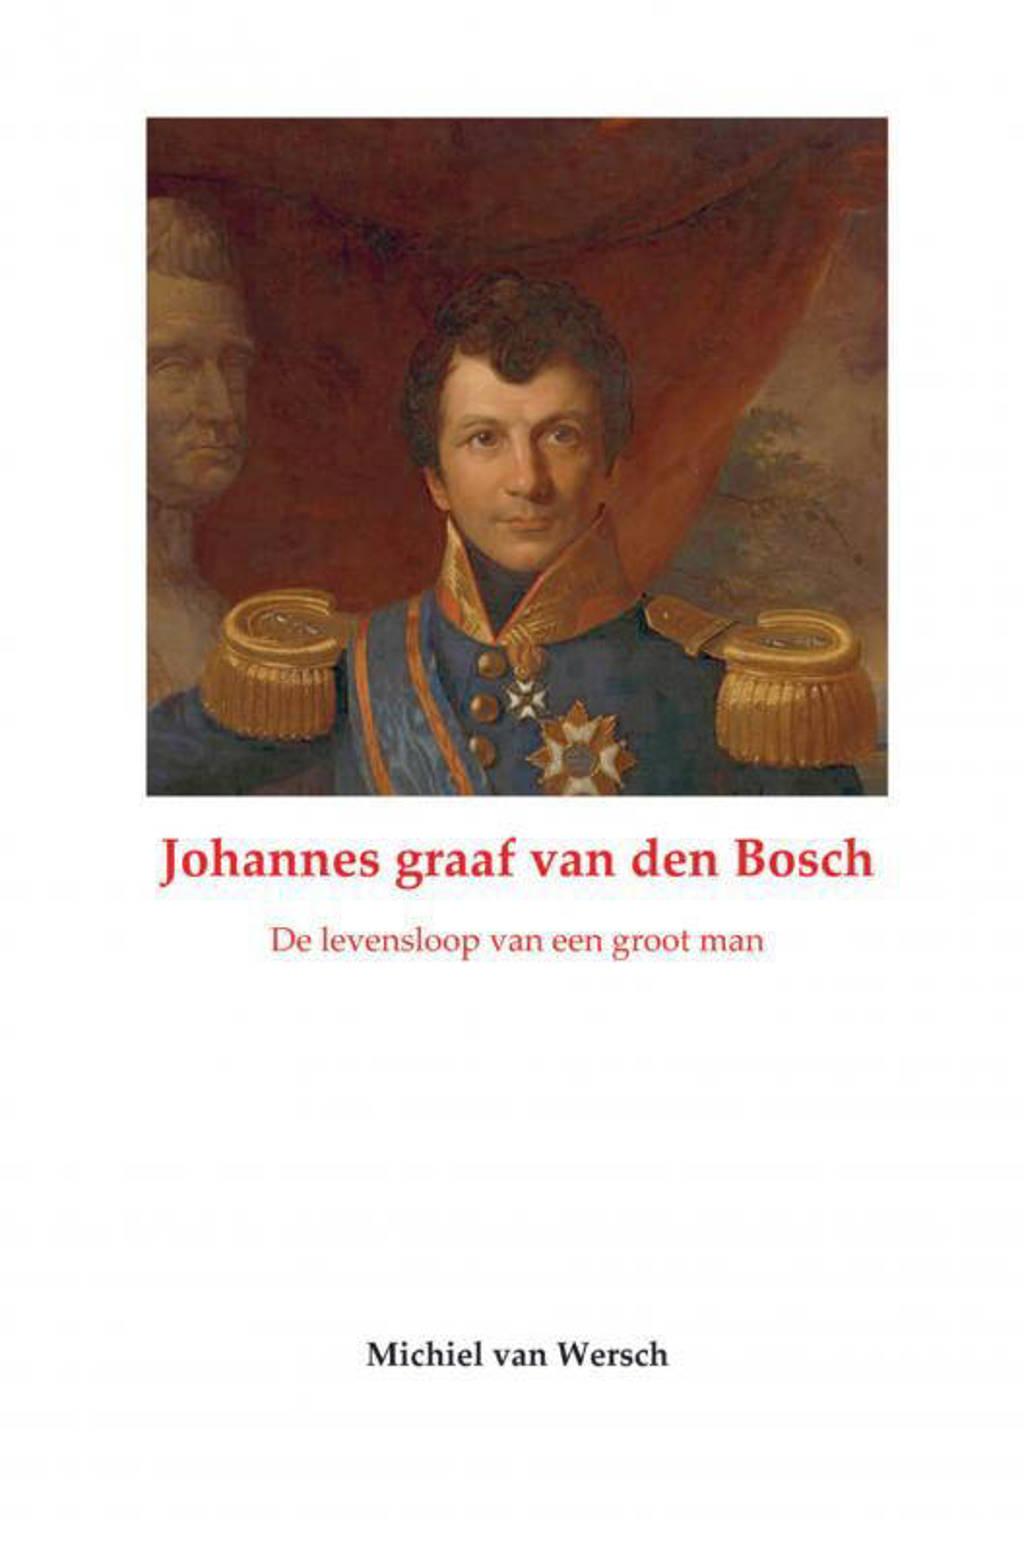 Johannes van den Bosch - Michiel van Wersch